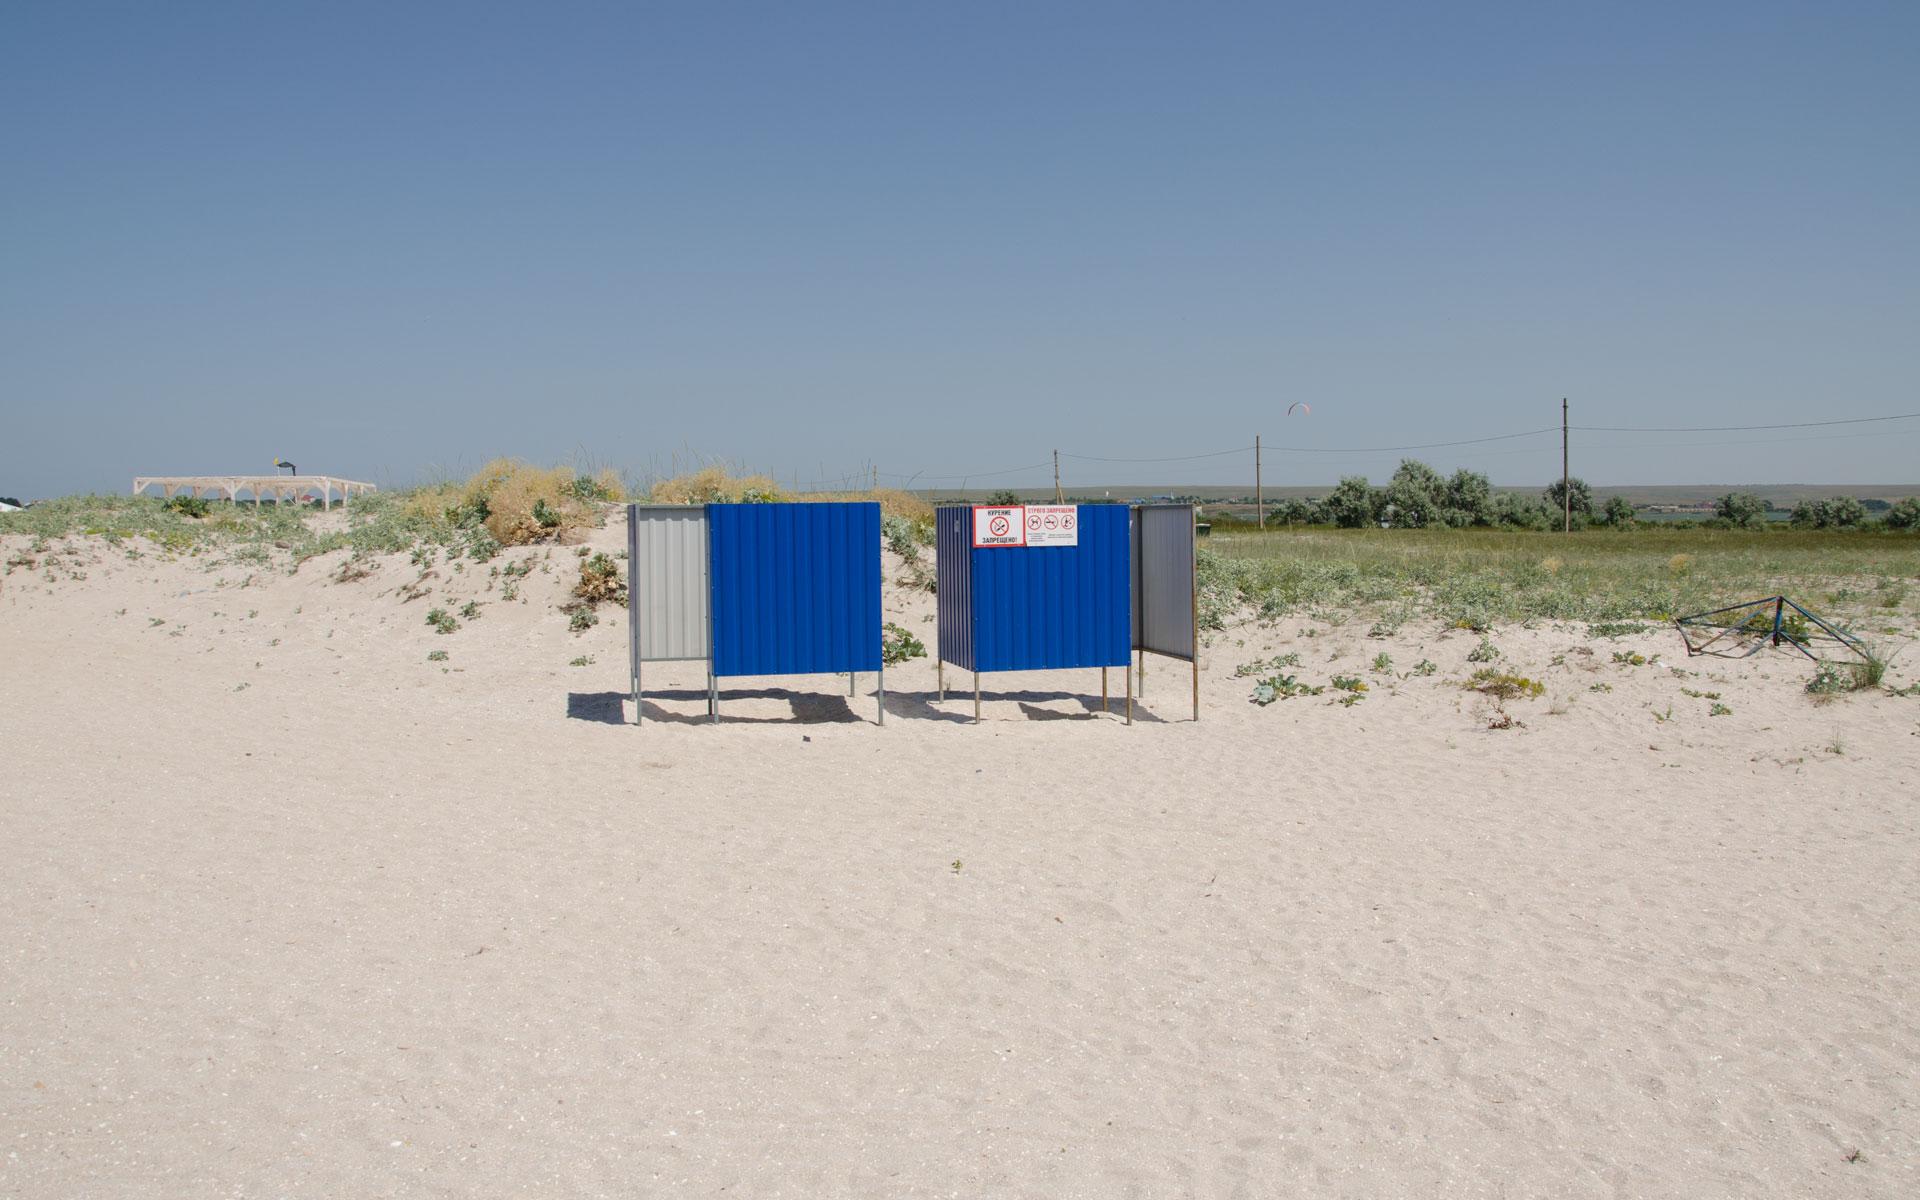 Песчаный пляж с раздевалками в Оленевке. Фото Оленевки